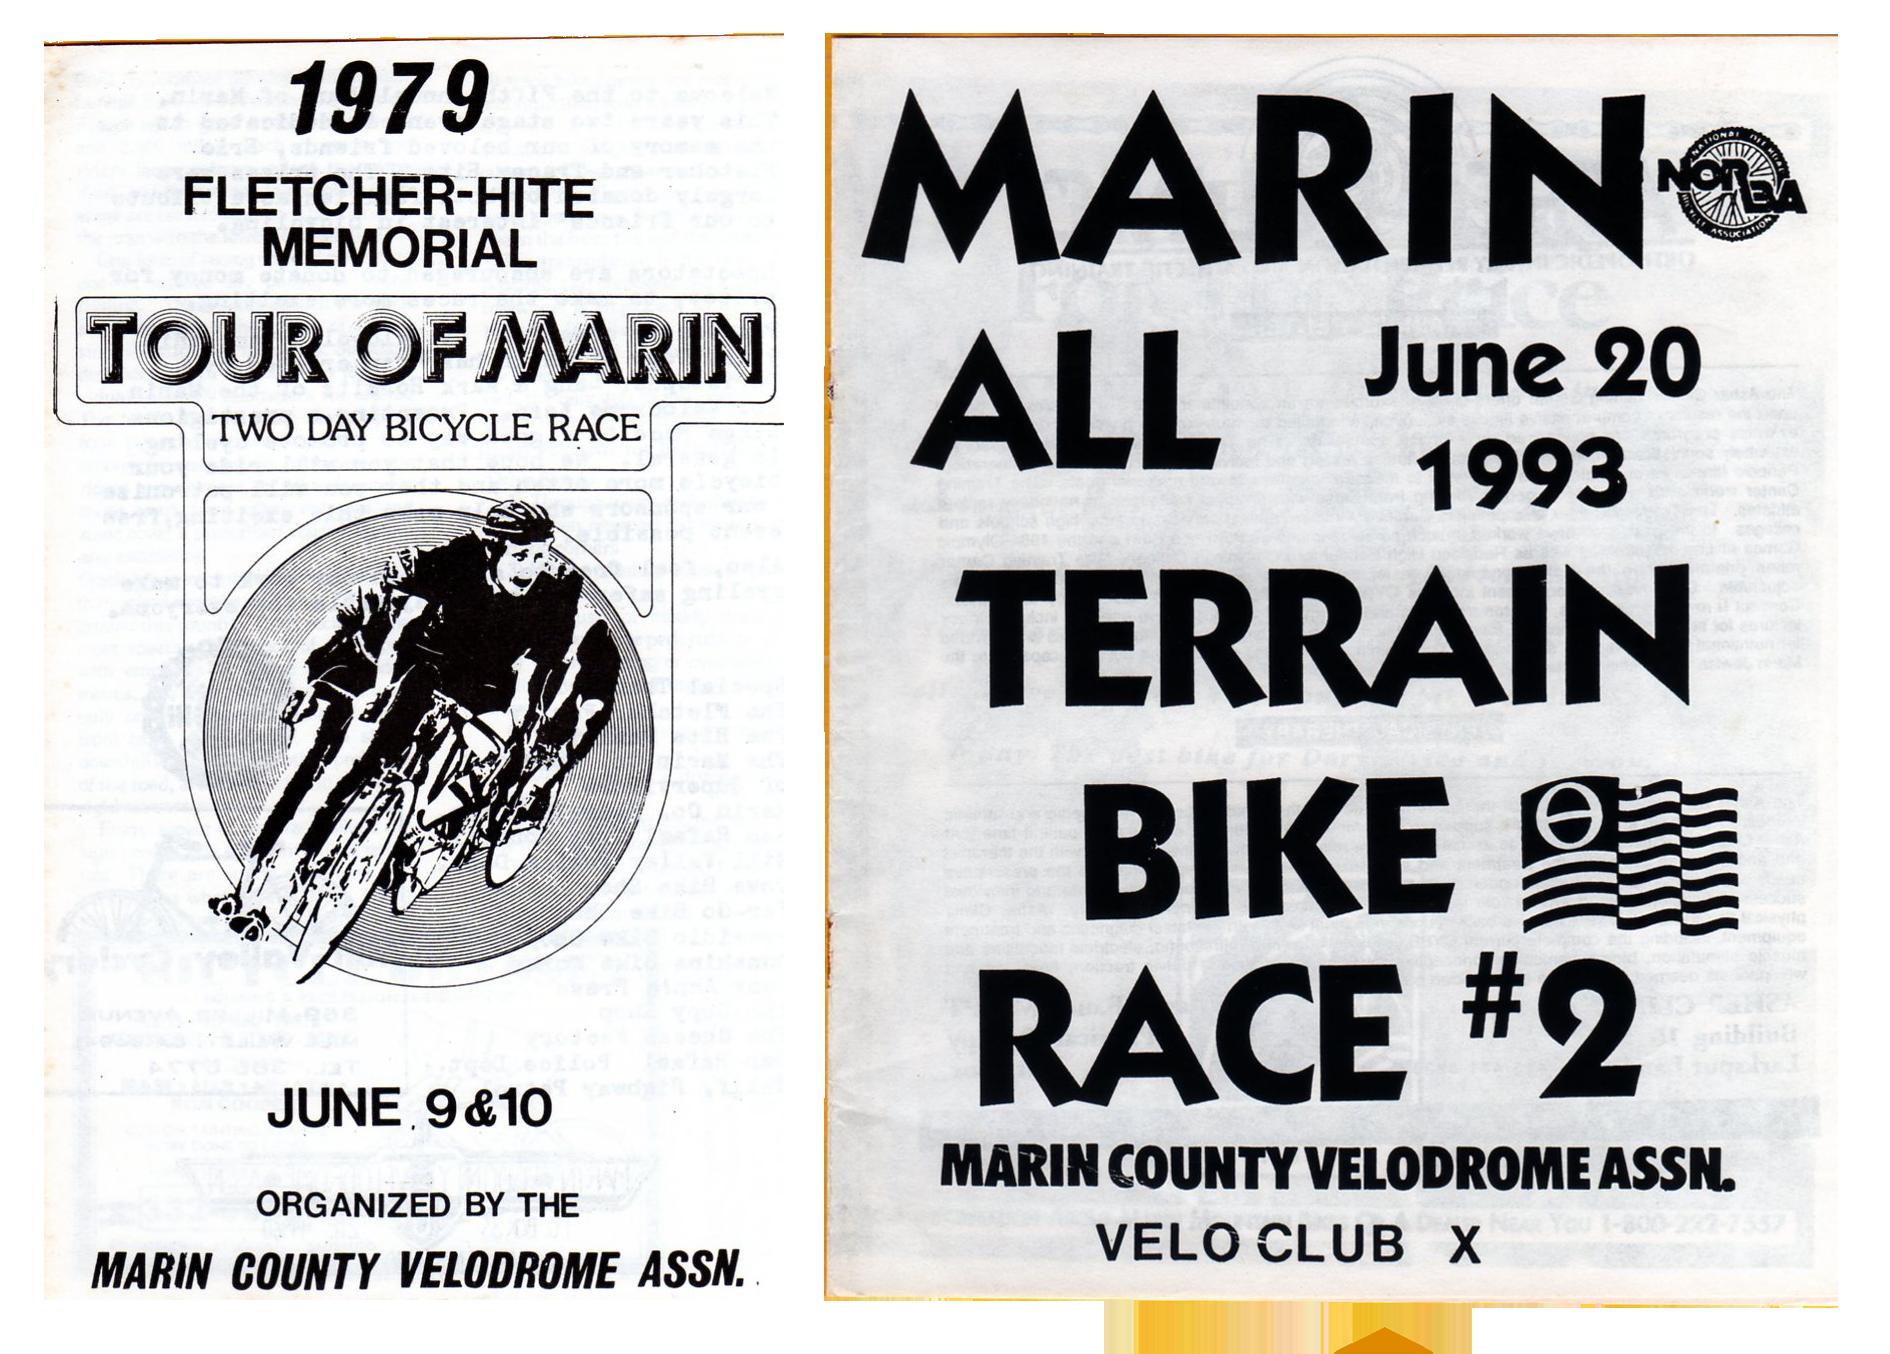 Marin All Terrain & Tour of M